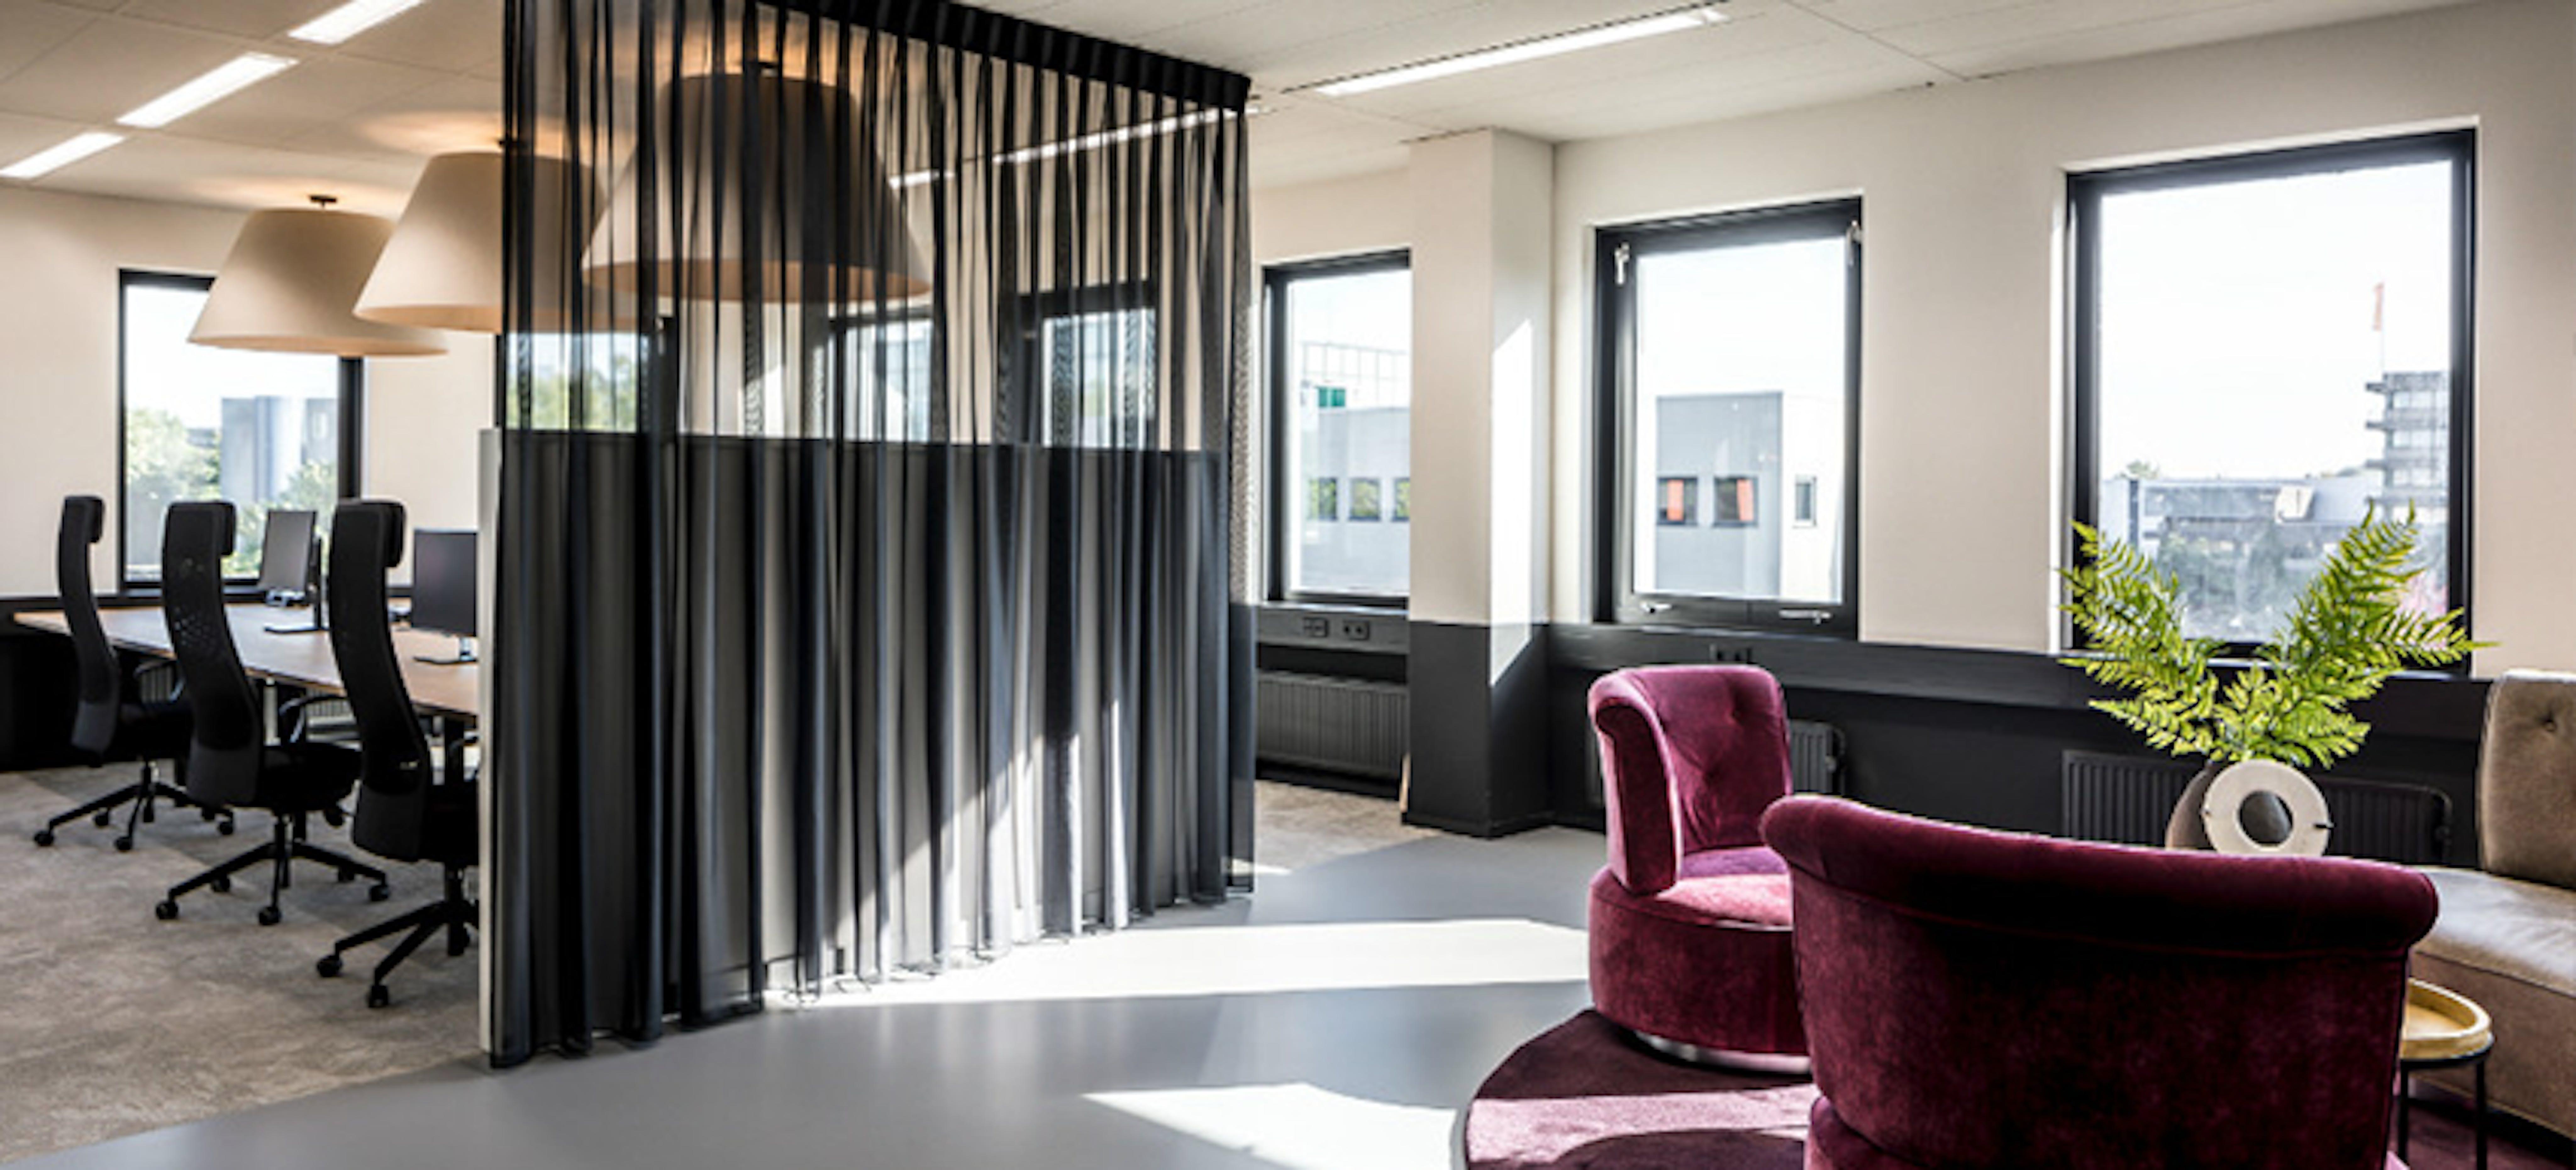 Effectiever vergaderen met de juiste raamdecoratie op kantoor